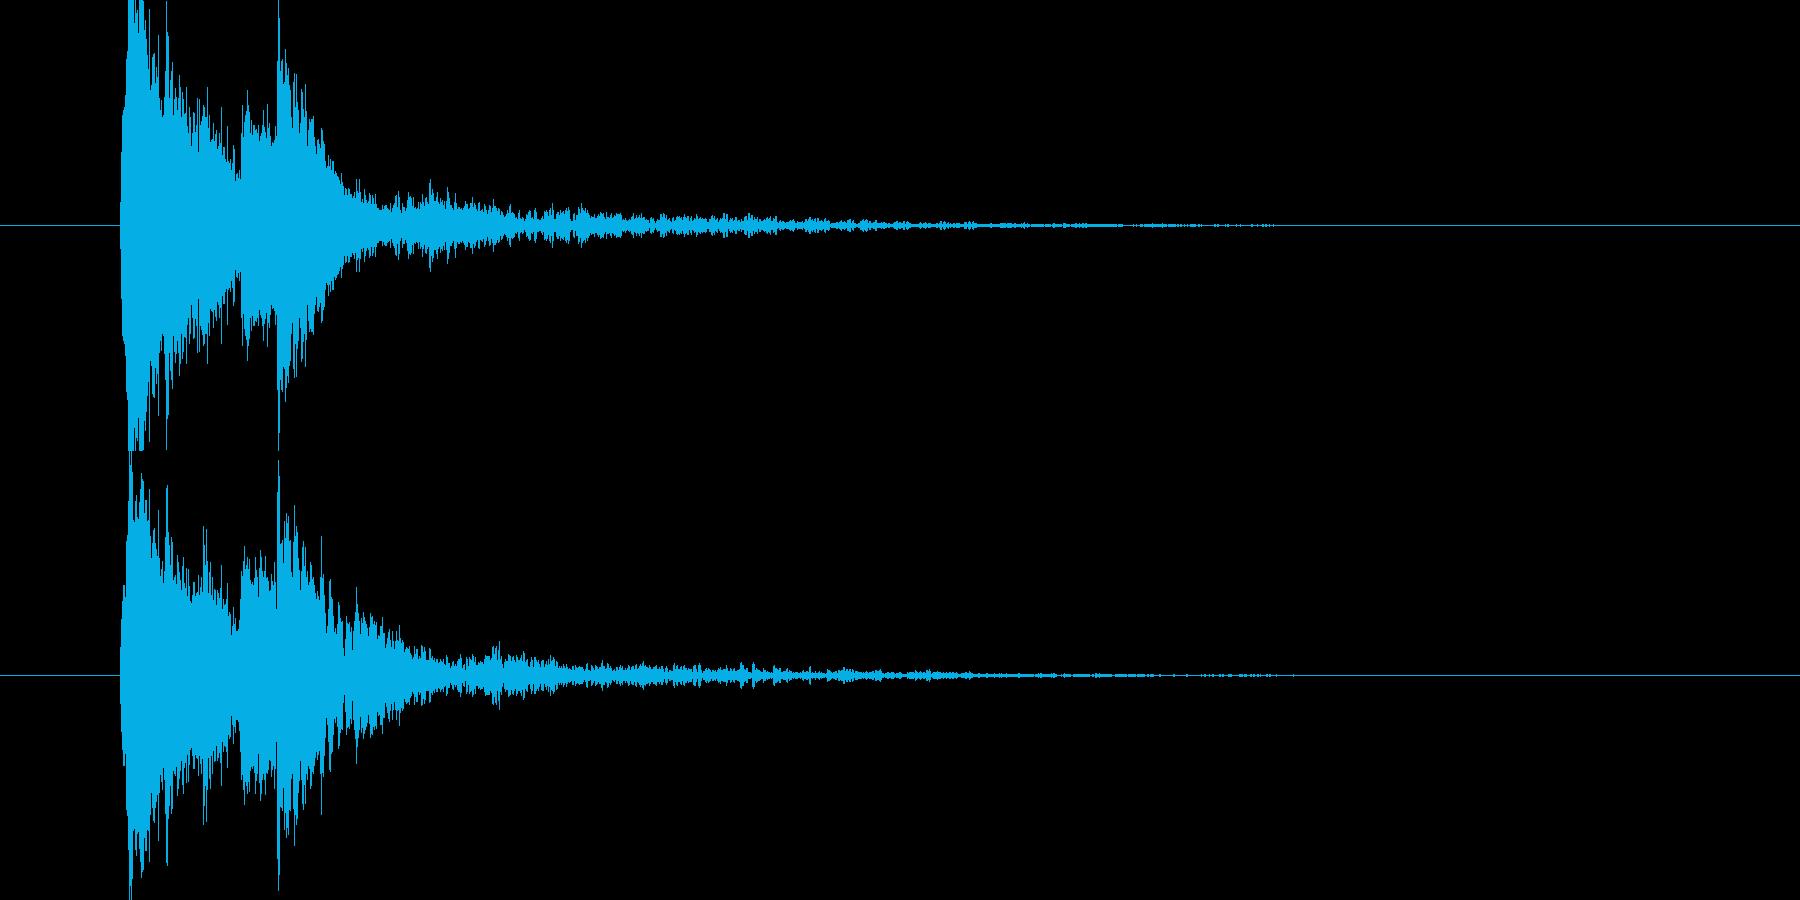 琴の和風サウンドの再生済みの波形